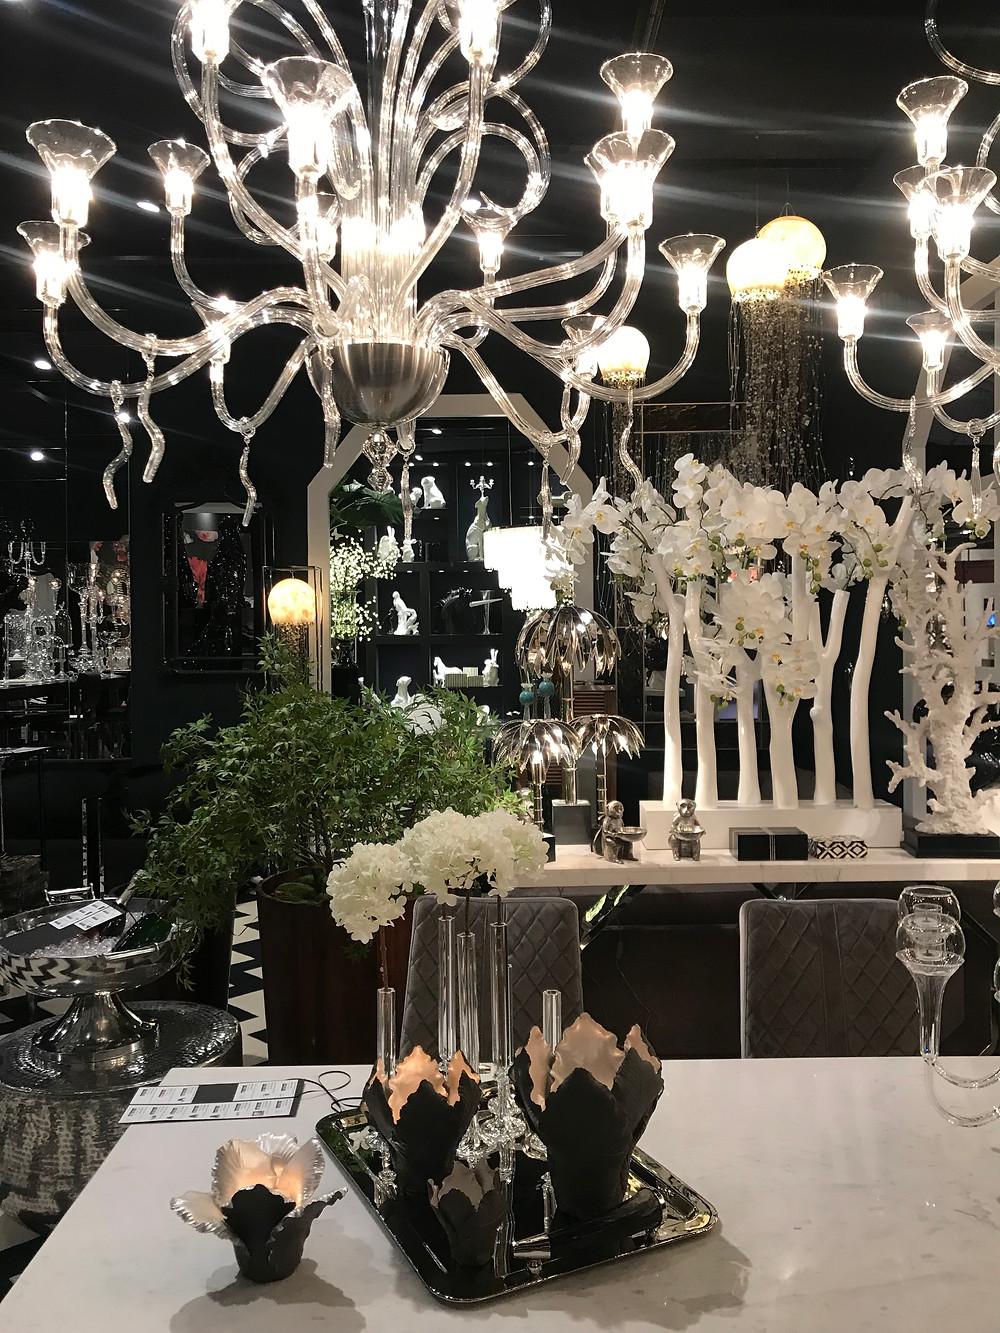 grand lustre en cristal blanc avec ambiance hôtelière haut de gamme dans ce projet d'aménagement éphémère.